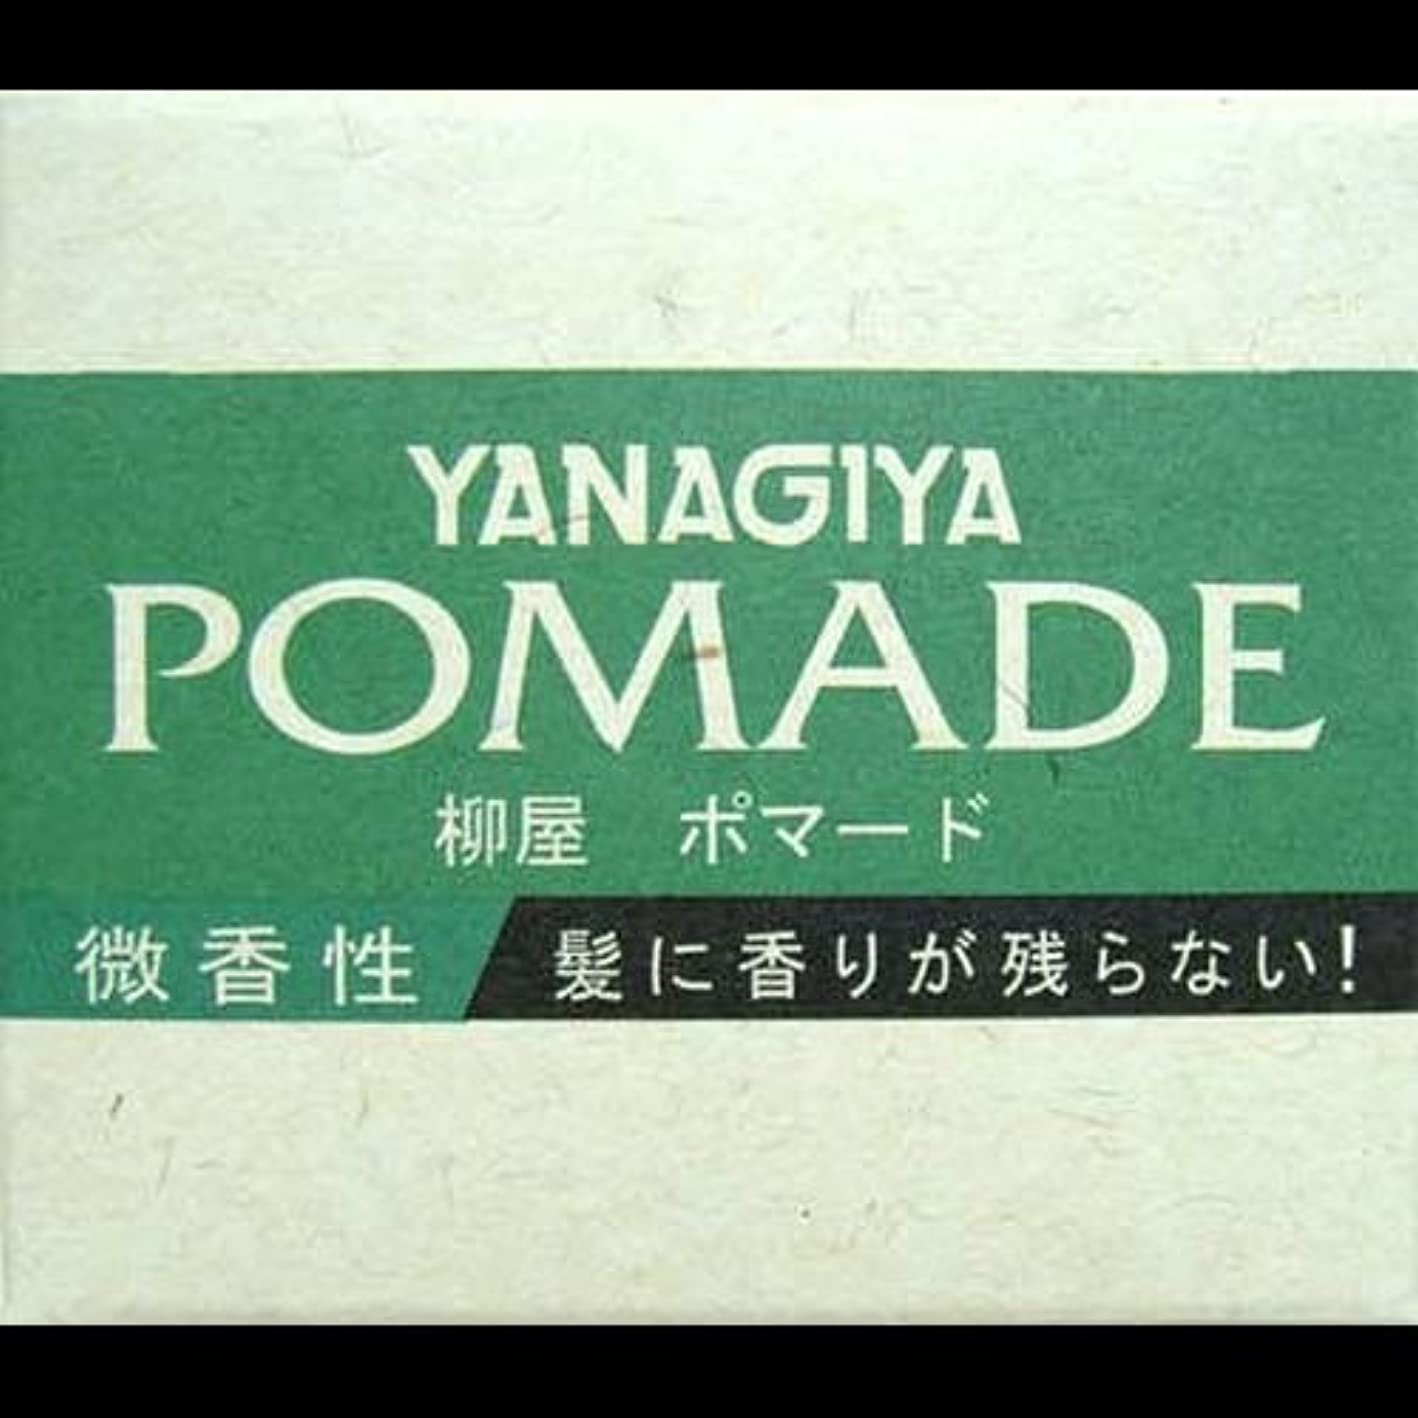 投げ捨てるフィードシンジケート【まとめ買い】柳屋 ポマード微香性120g ×2セット